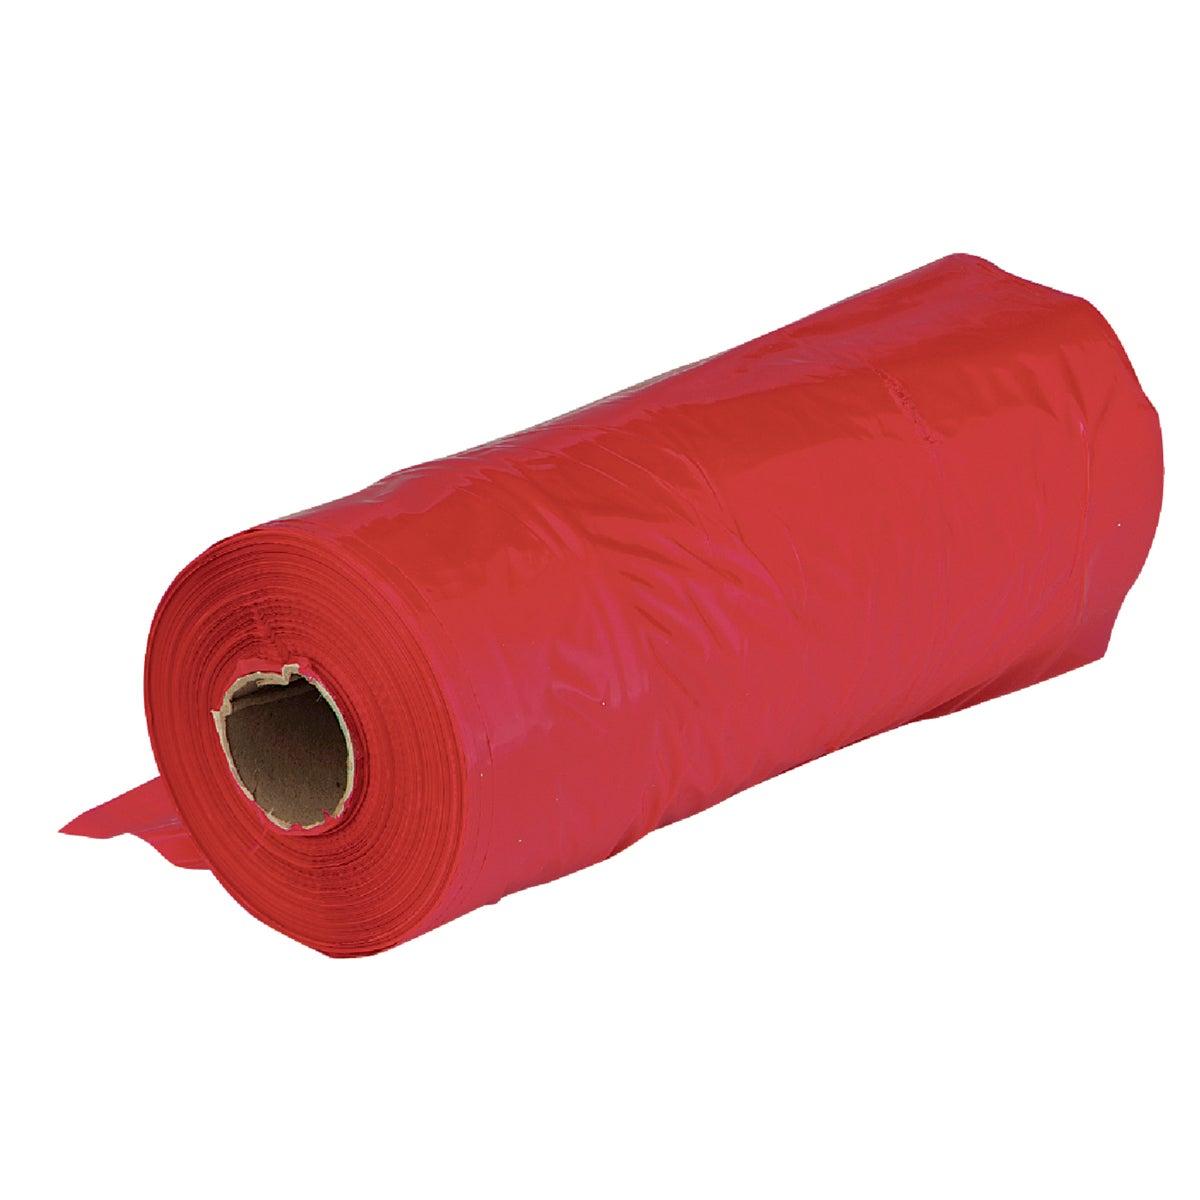 Berry Plastics 625848 Red Danger Flag